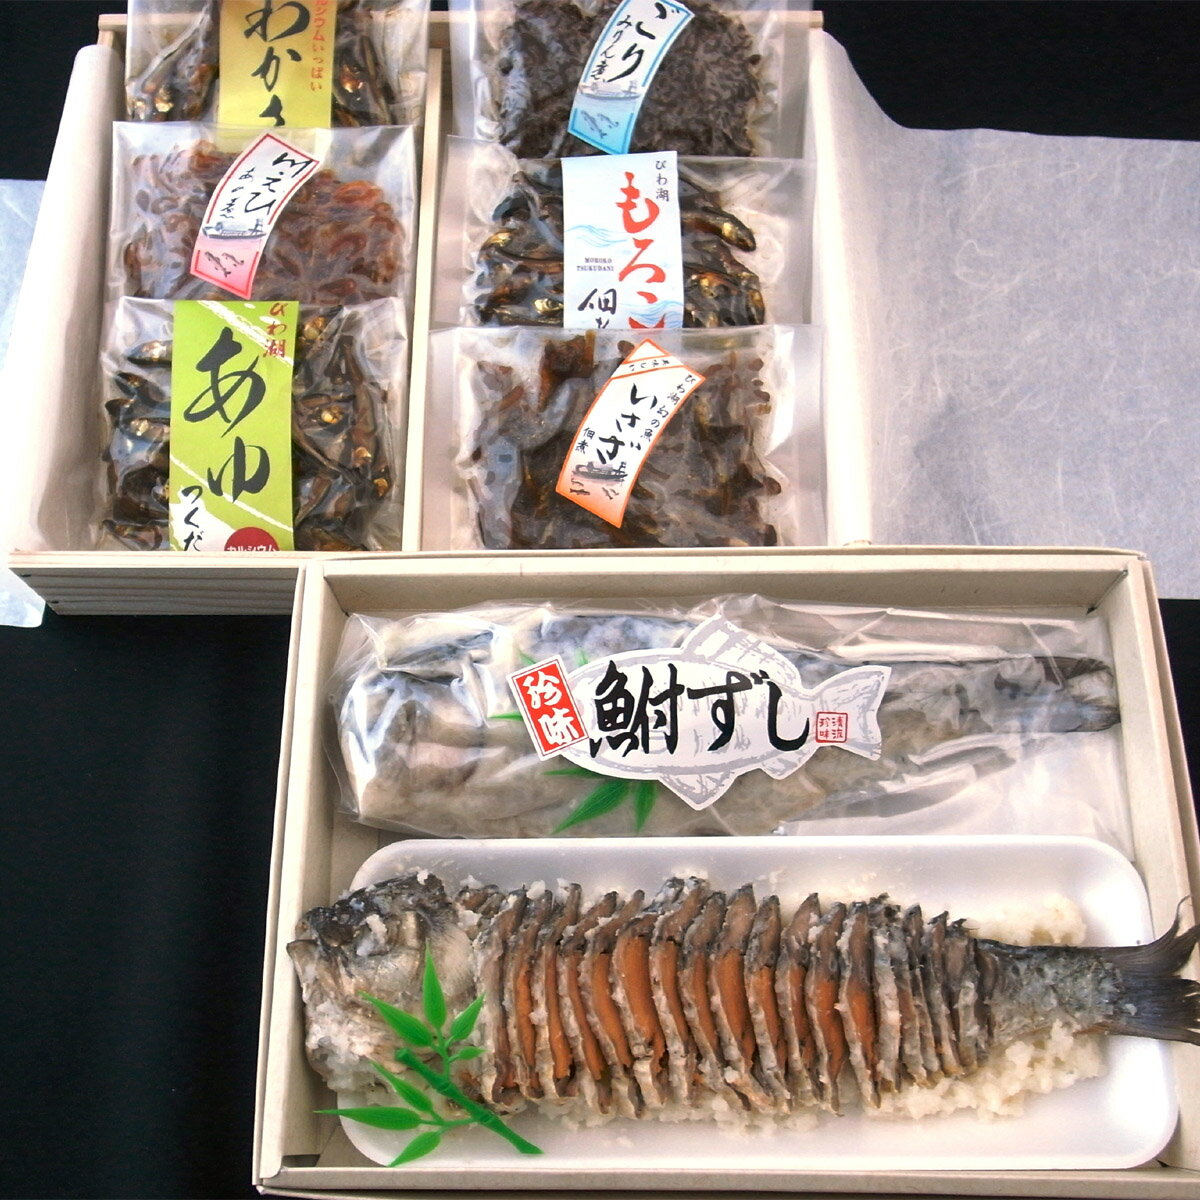 【ふるさと納税】鮒ずしと琵琶湖産湖魚佃煮の詰合せ:滋賀県大津市